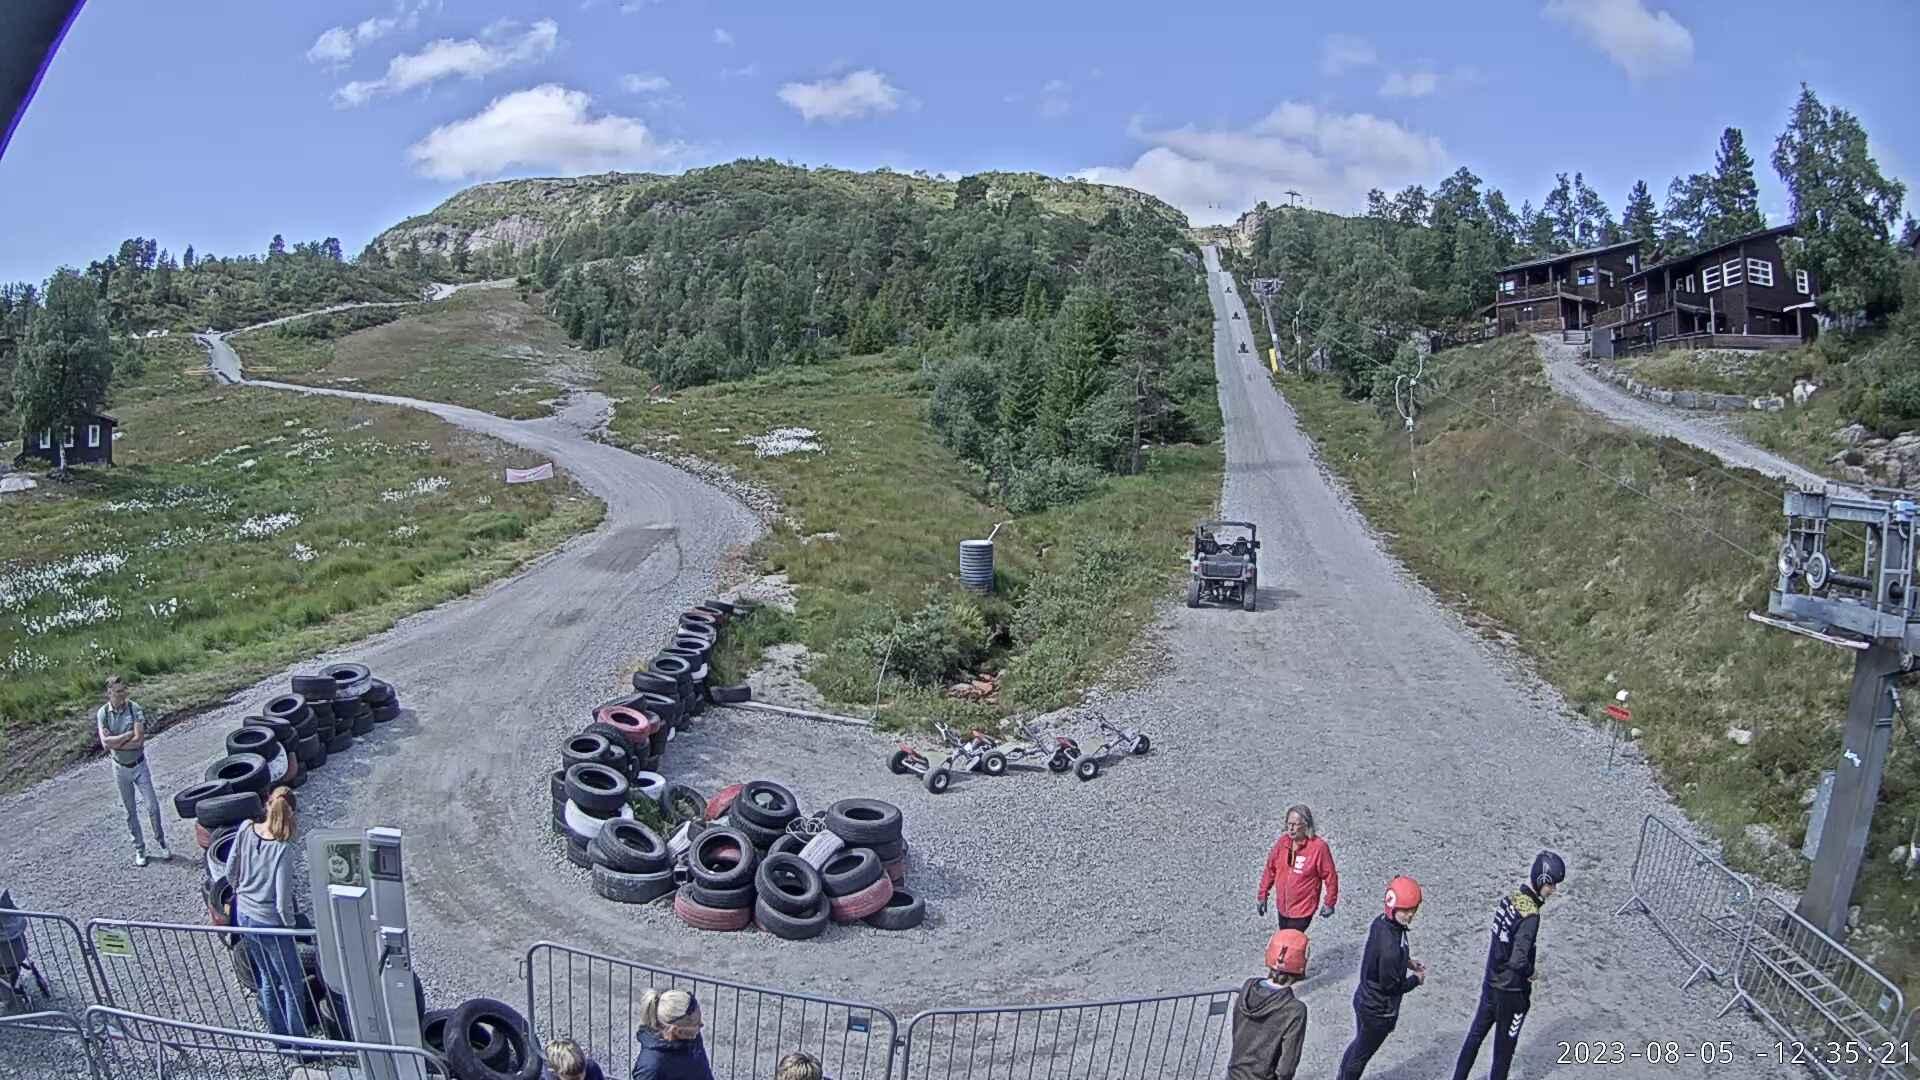 Webcam Sirdal skisenter, Sirdal, Vest-Agder, Norwegen